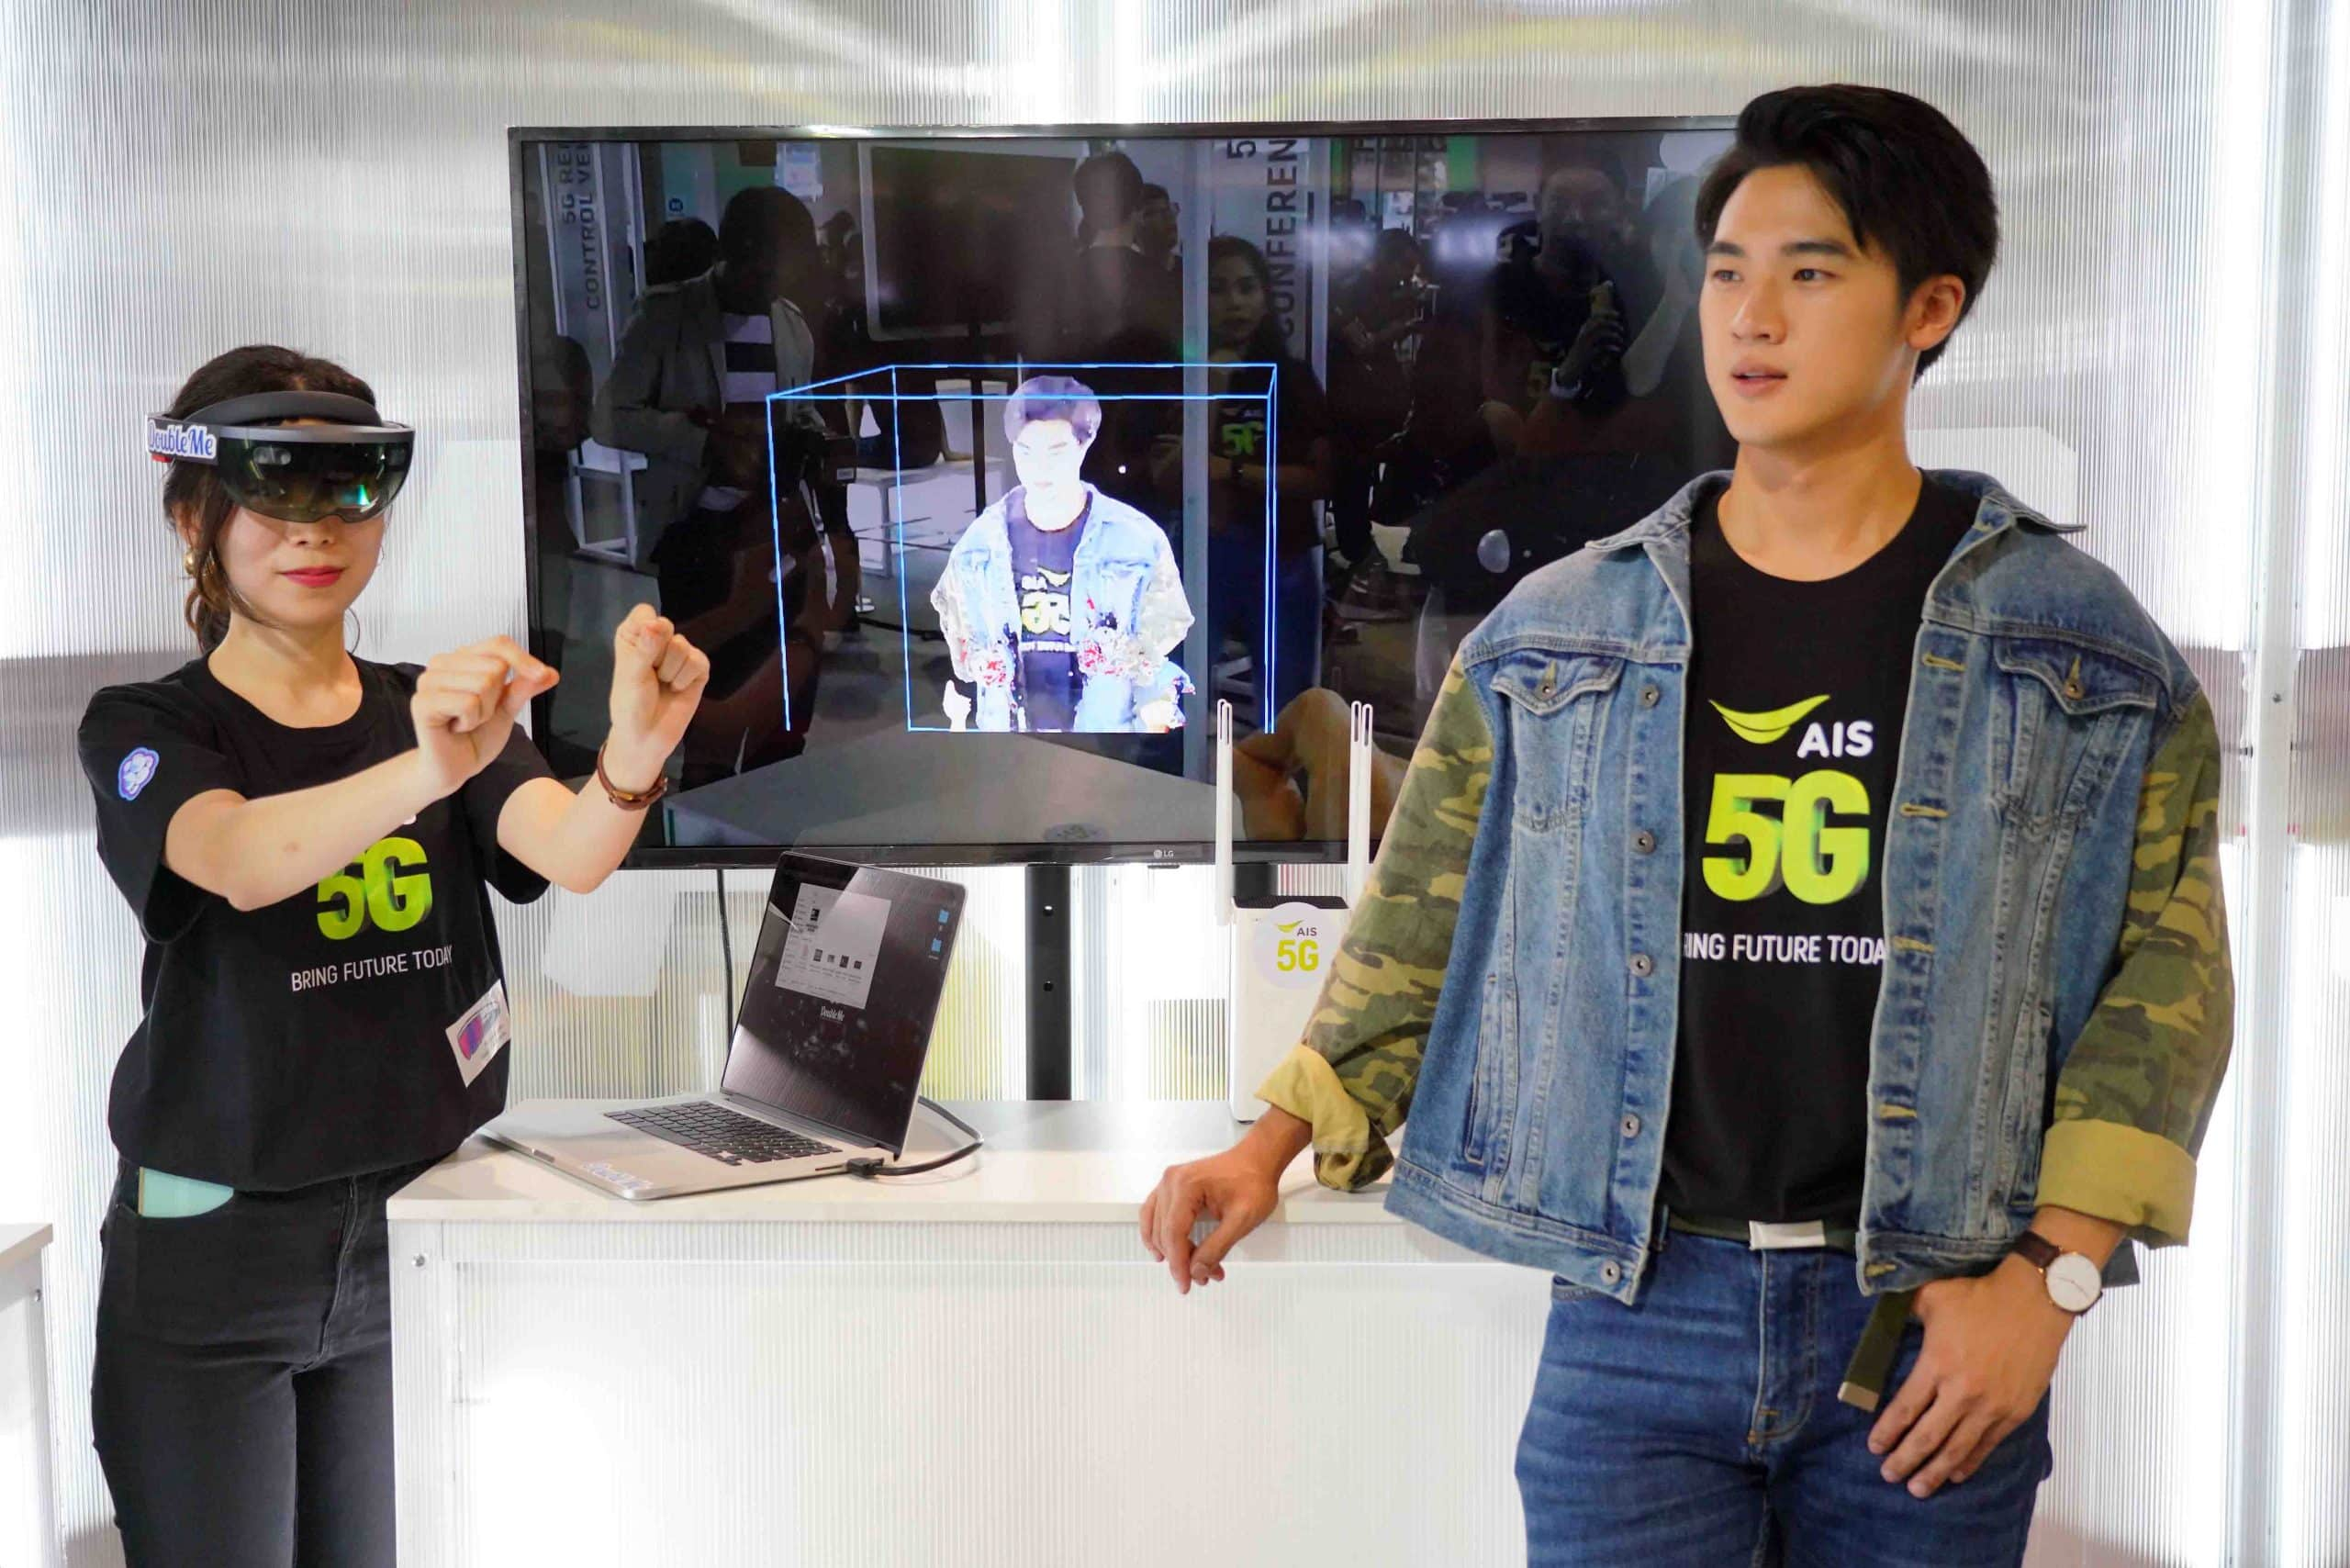 รูป 191213 Pic  01 5G Hologram 3 มิติ จำลองการสื่อสารระยะไกลแห่งอนาคต scaled ประกอบเนื้อหา AIS พร้อมพาคนไทยก้าวสู่ยุค 5G ตอกย้ำผู้นำ 5G ที่ 1 ตัวจริง ทดสอบแล้วทั่วไทย